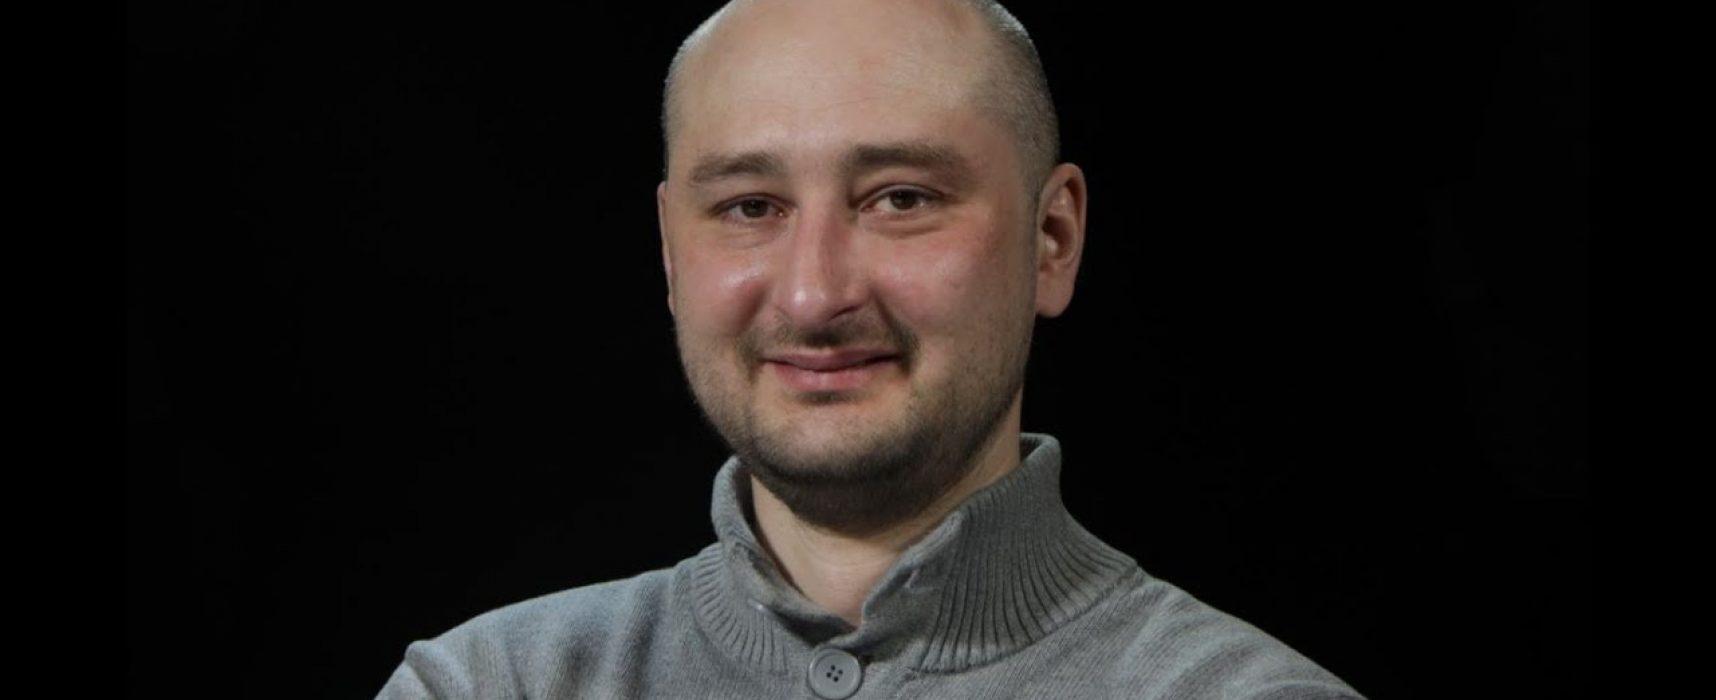 Убийството на журналиста Аркадий Бабченко – първите реакции в руските медии и социалните мрежи